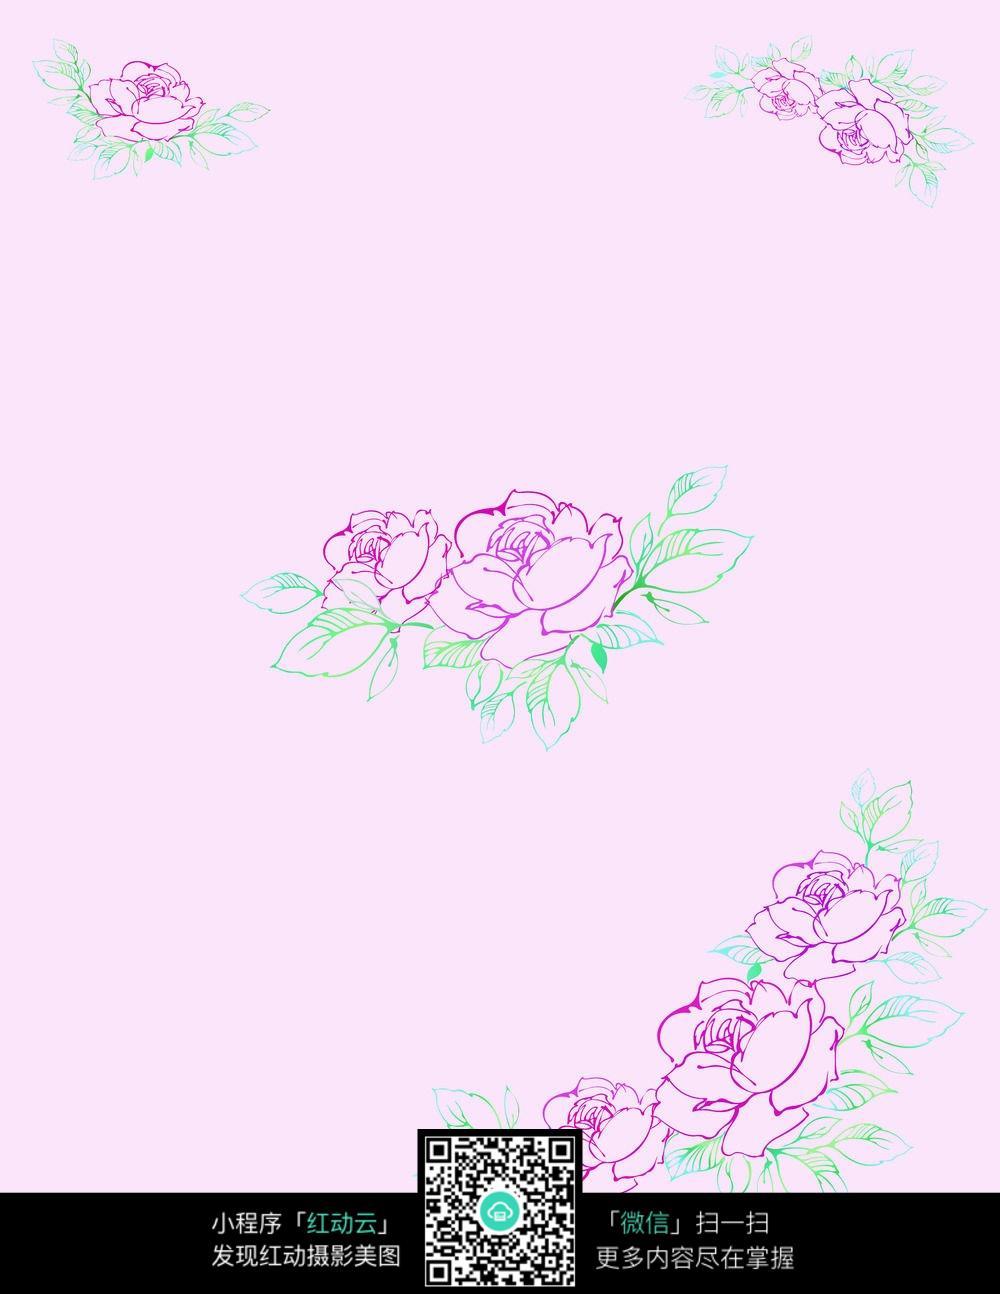 简单花卉背景